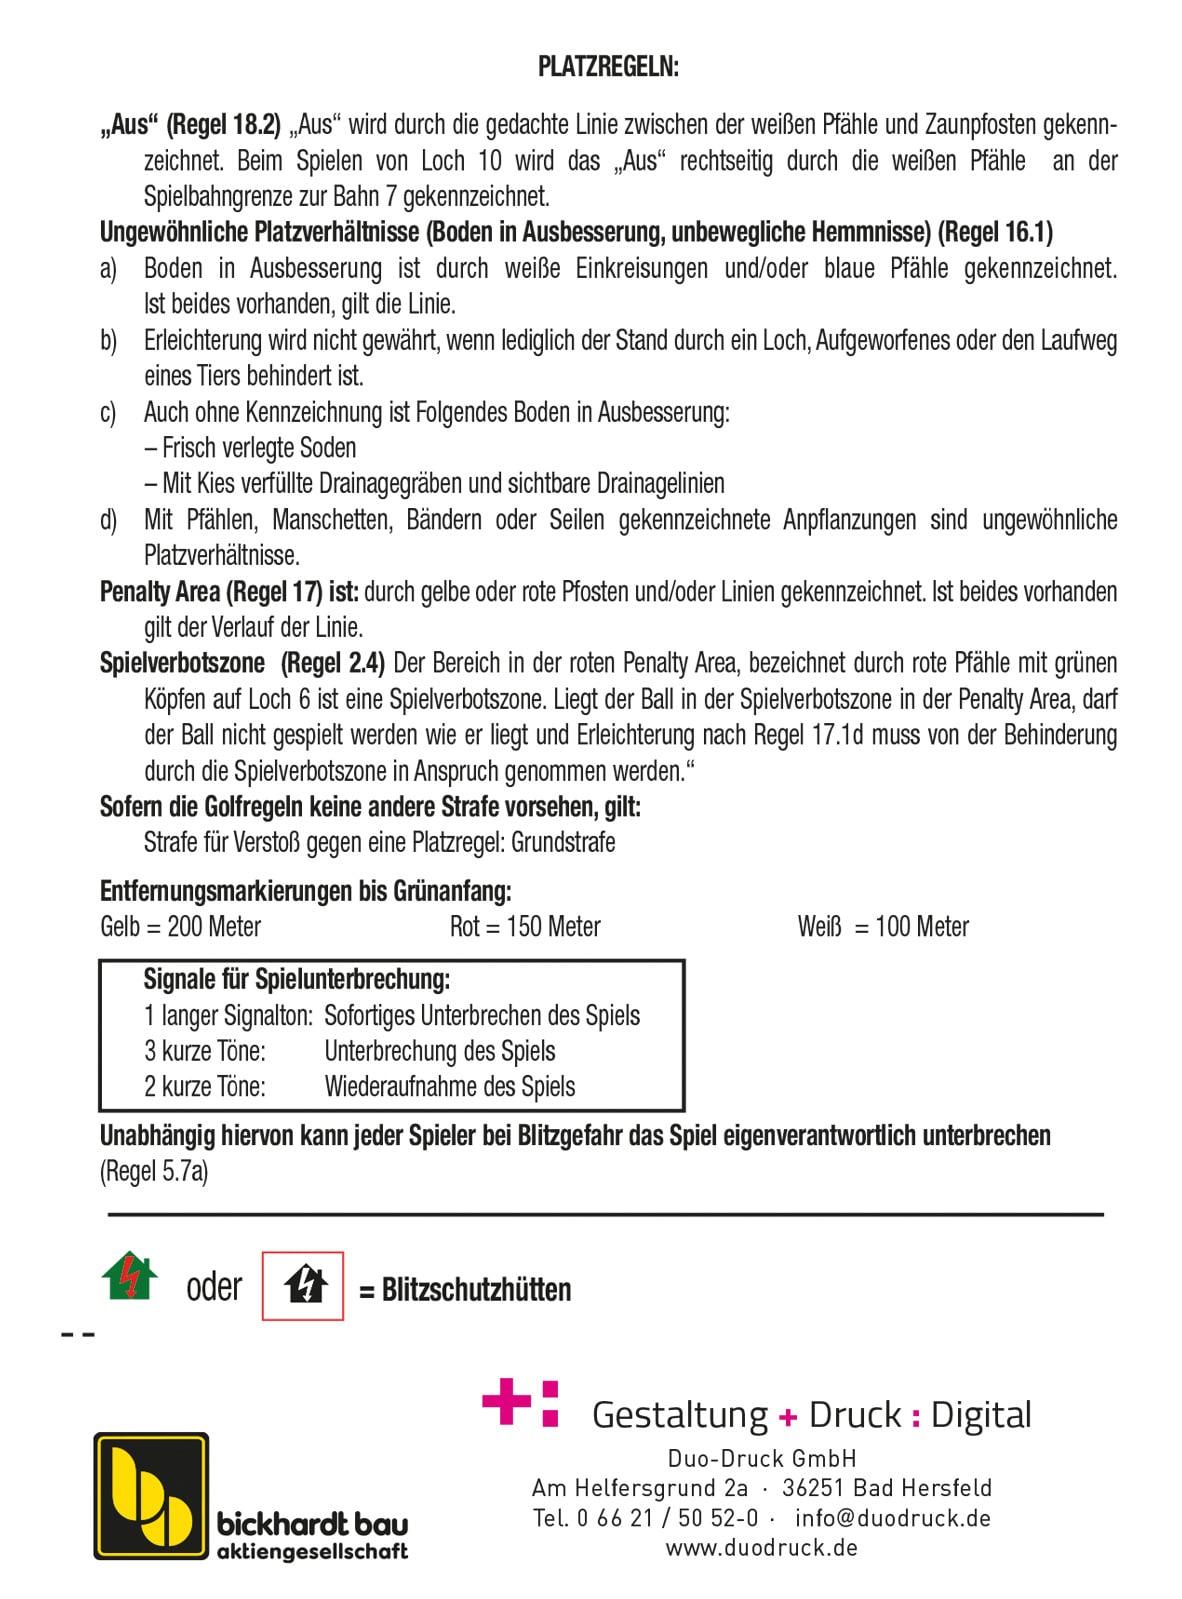 KHGC-Scorekarte-2019-Aussen-Platzregeln